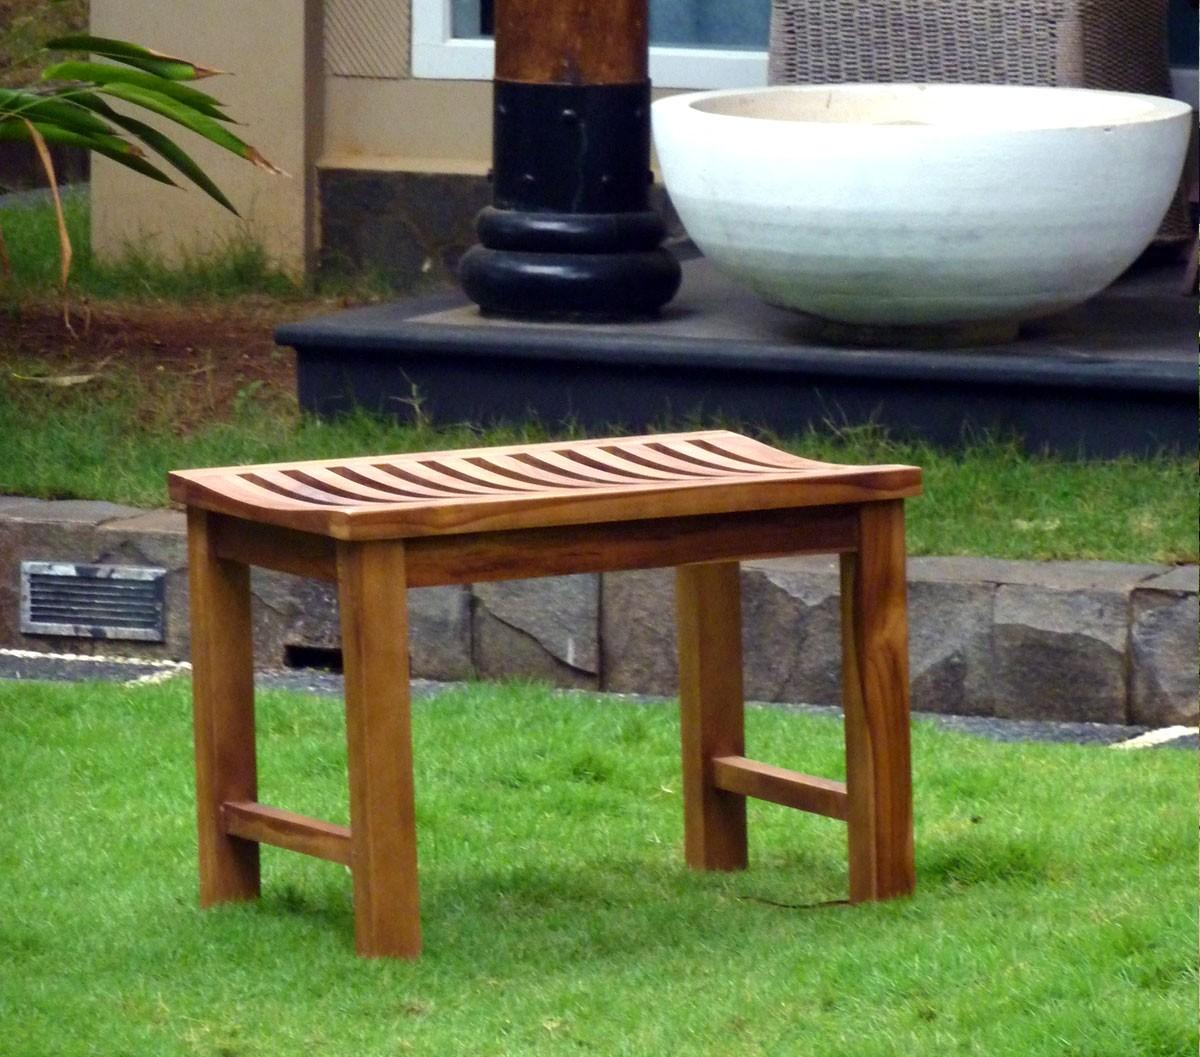 Banc en teck de jardin 60 cm teck huile for Banc de jardin teck anglais